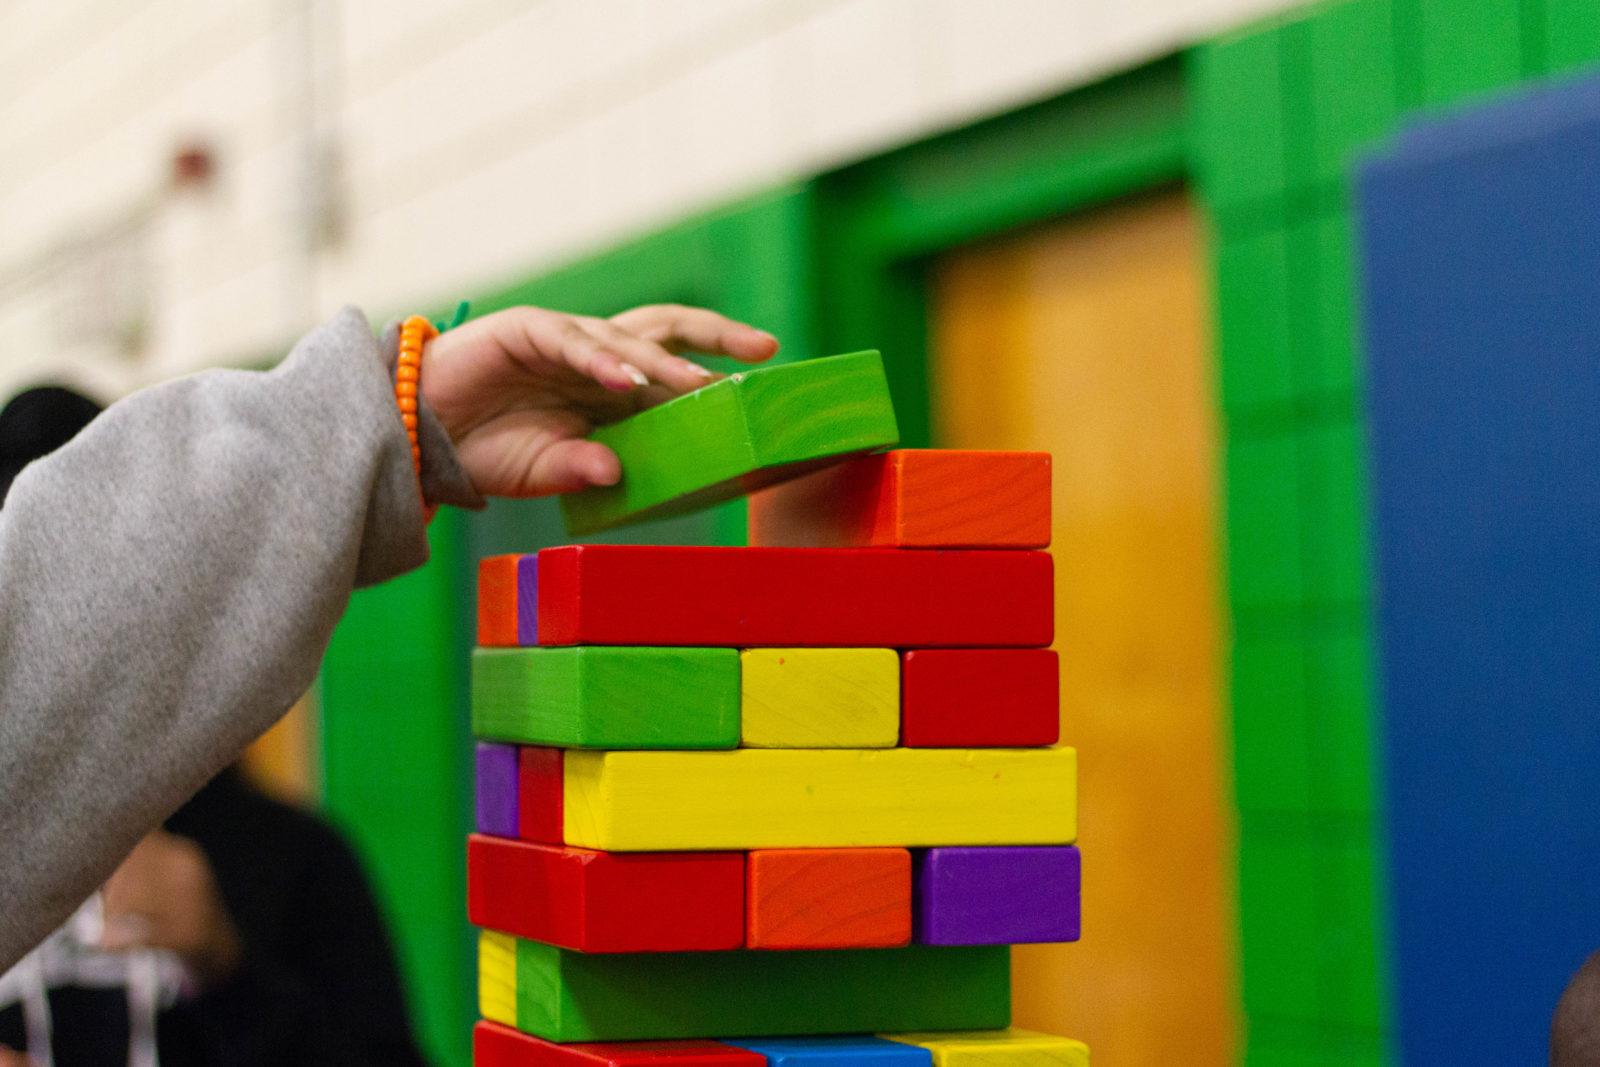 Kind legt block auf einen anderen block